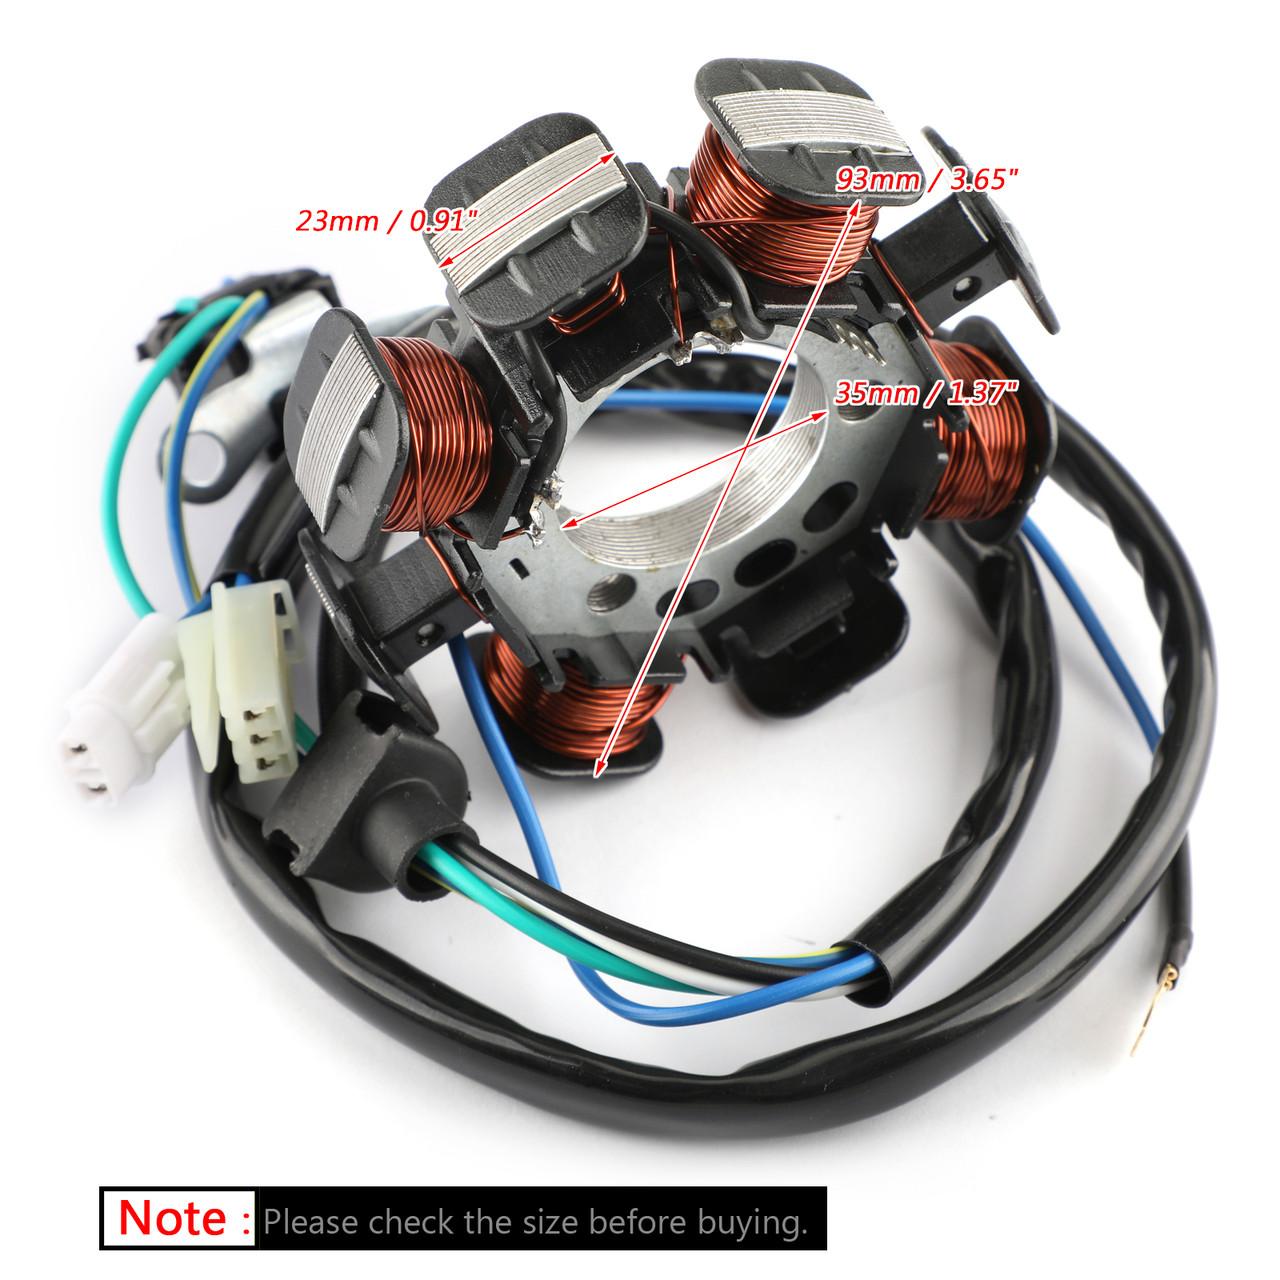 Alternator Stator Coil For Yamaha TTR230 TT-R230 05-17